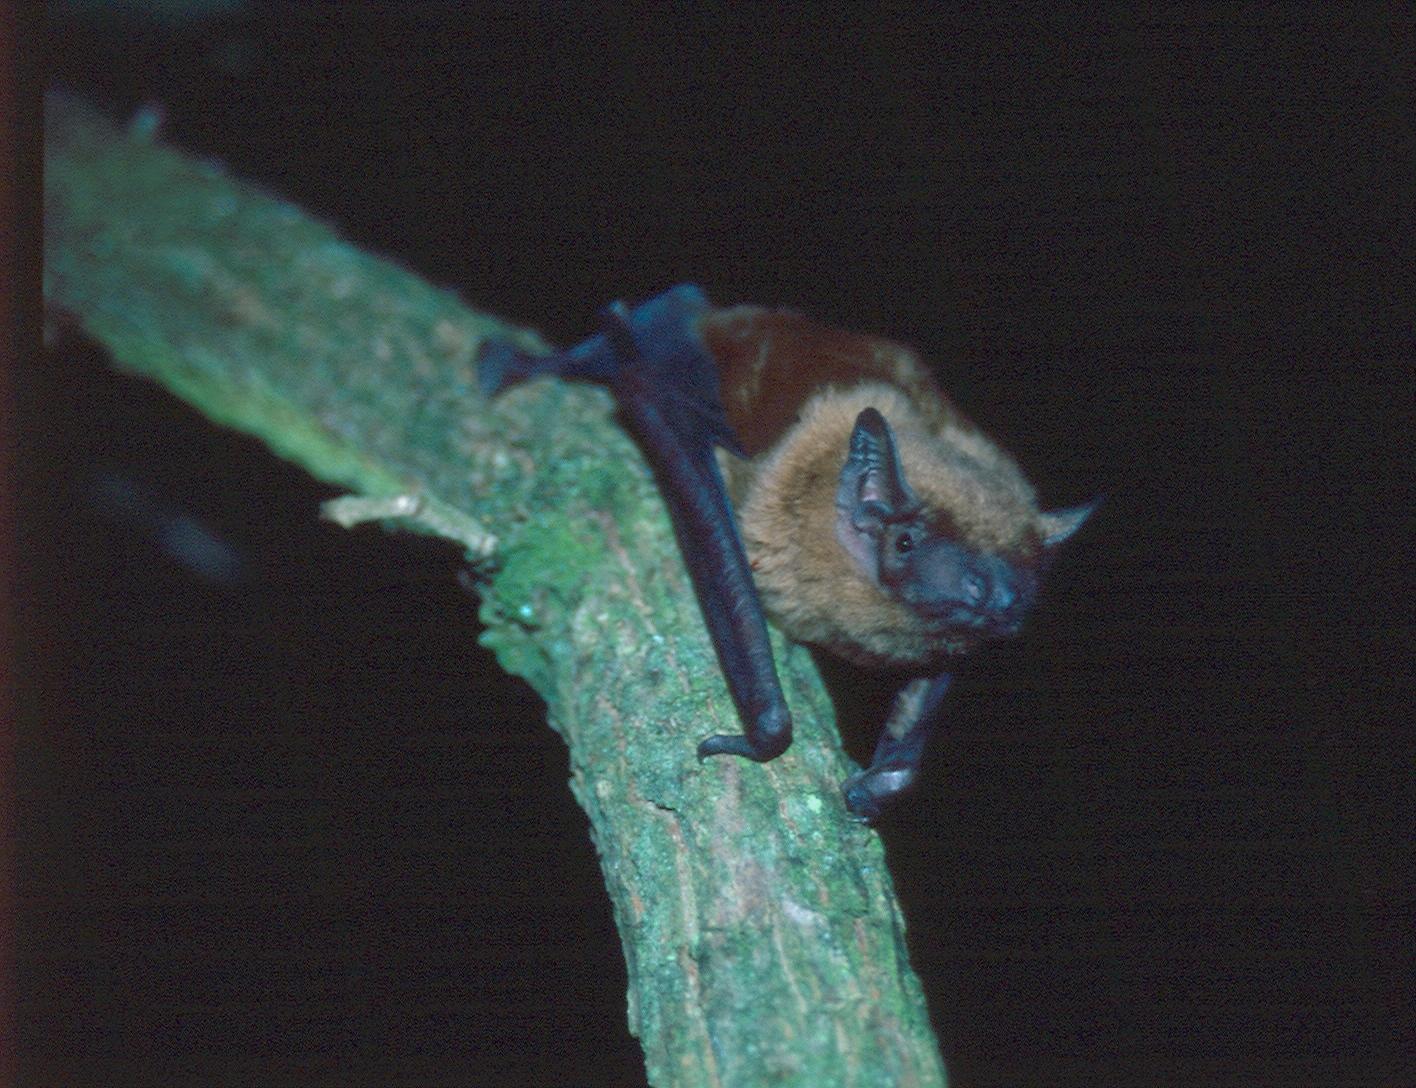 Großer Abendsegler Nacht.Geflüster: Fledermäuse – Jäger der Nacht